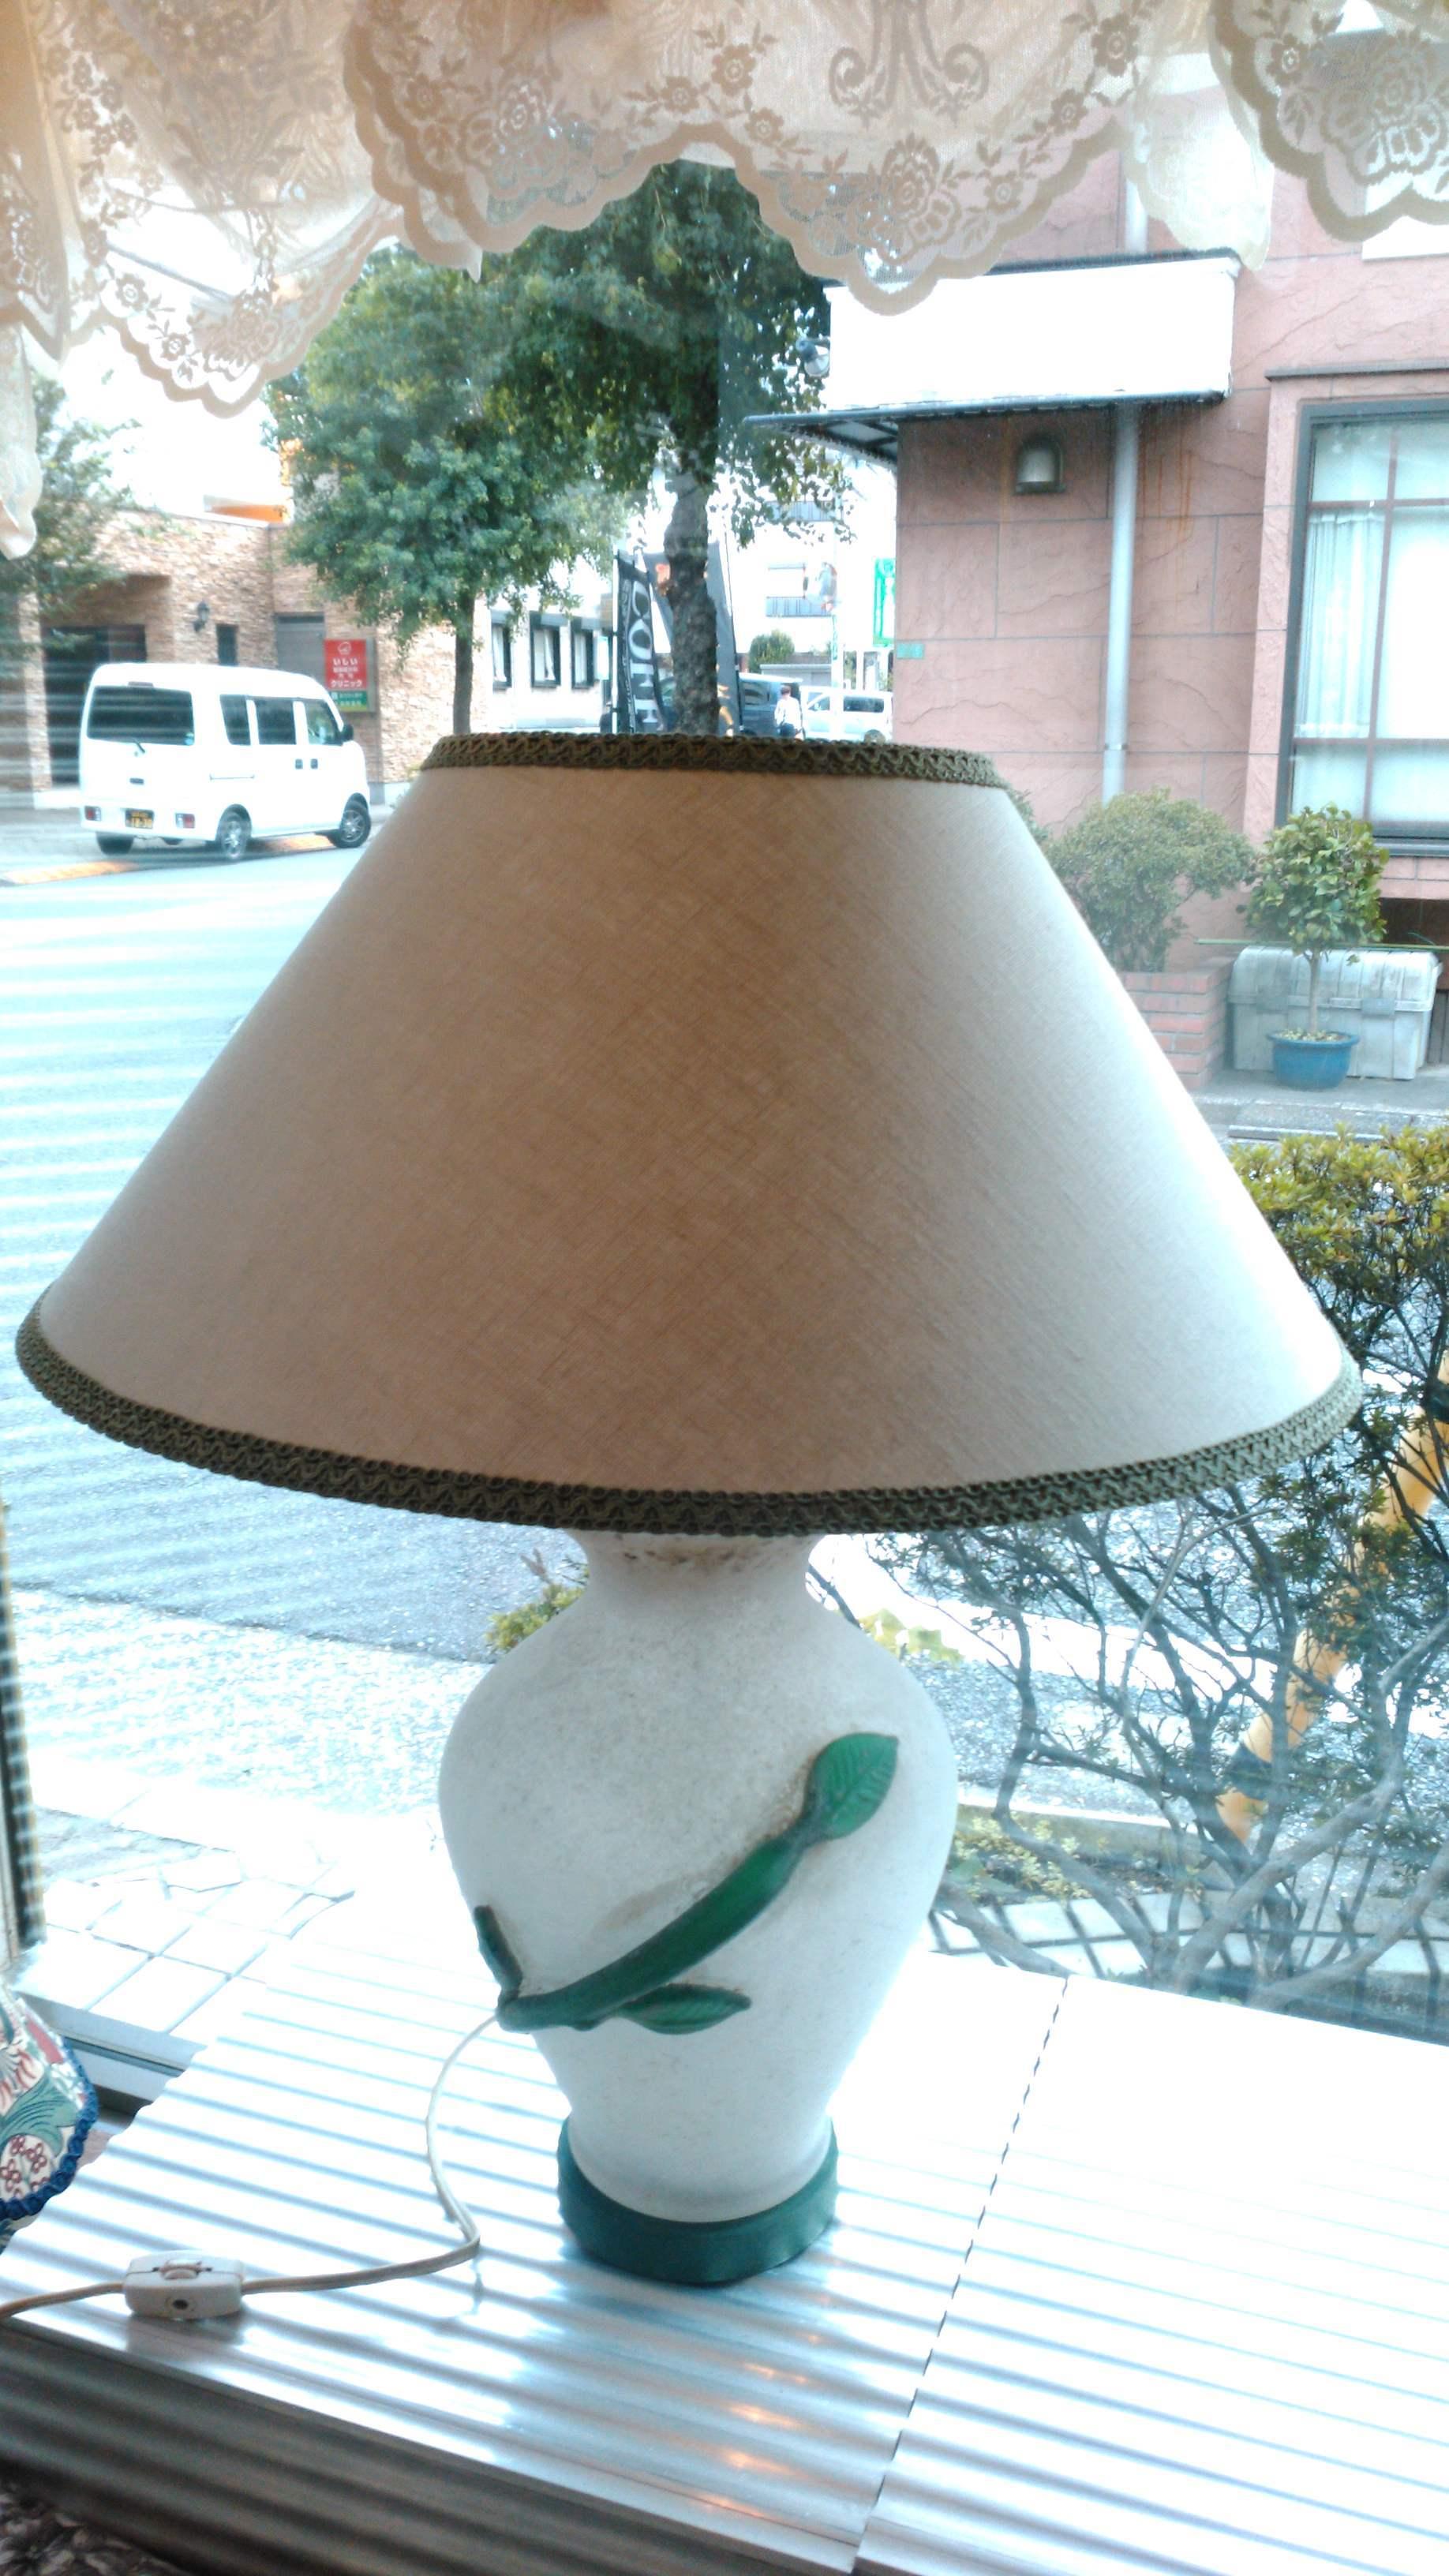 ランプシェード 張替 ウィリアムモリス正規販売店のブライト_c0157866_19254559.jpg